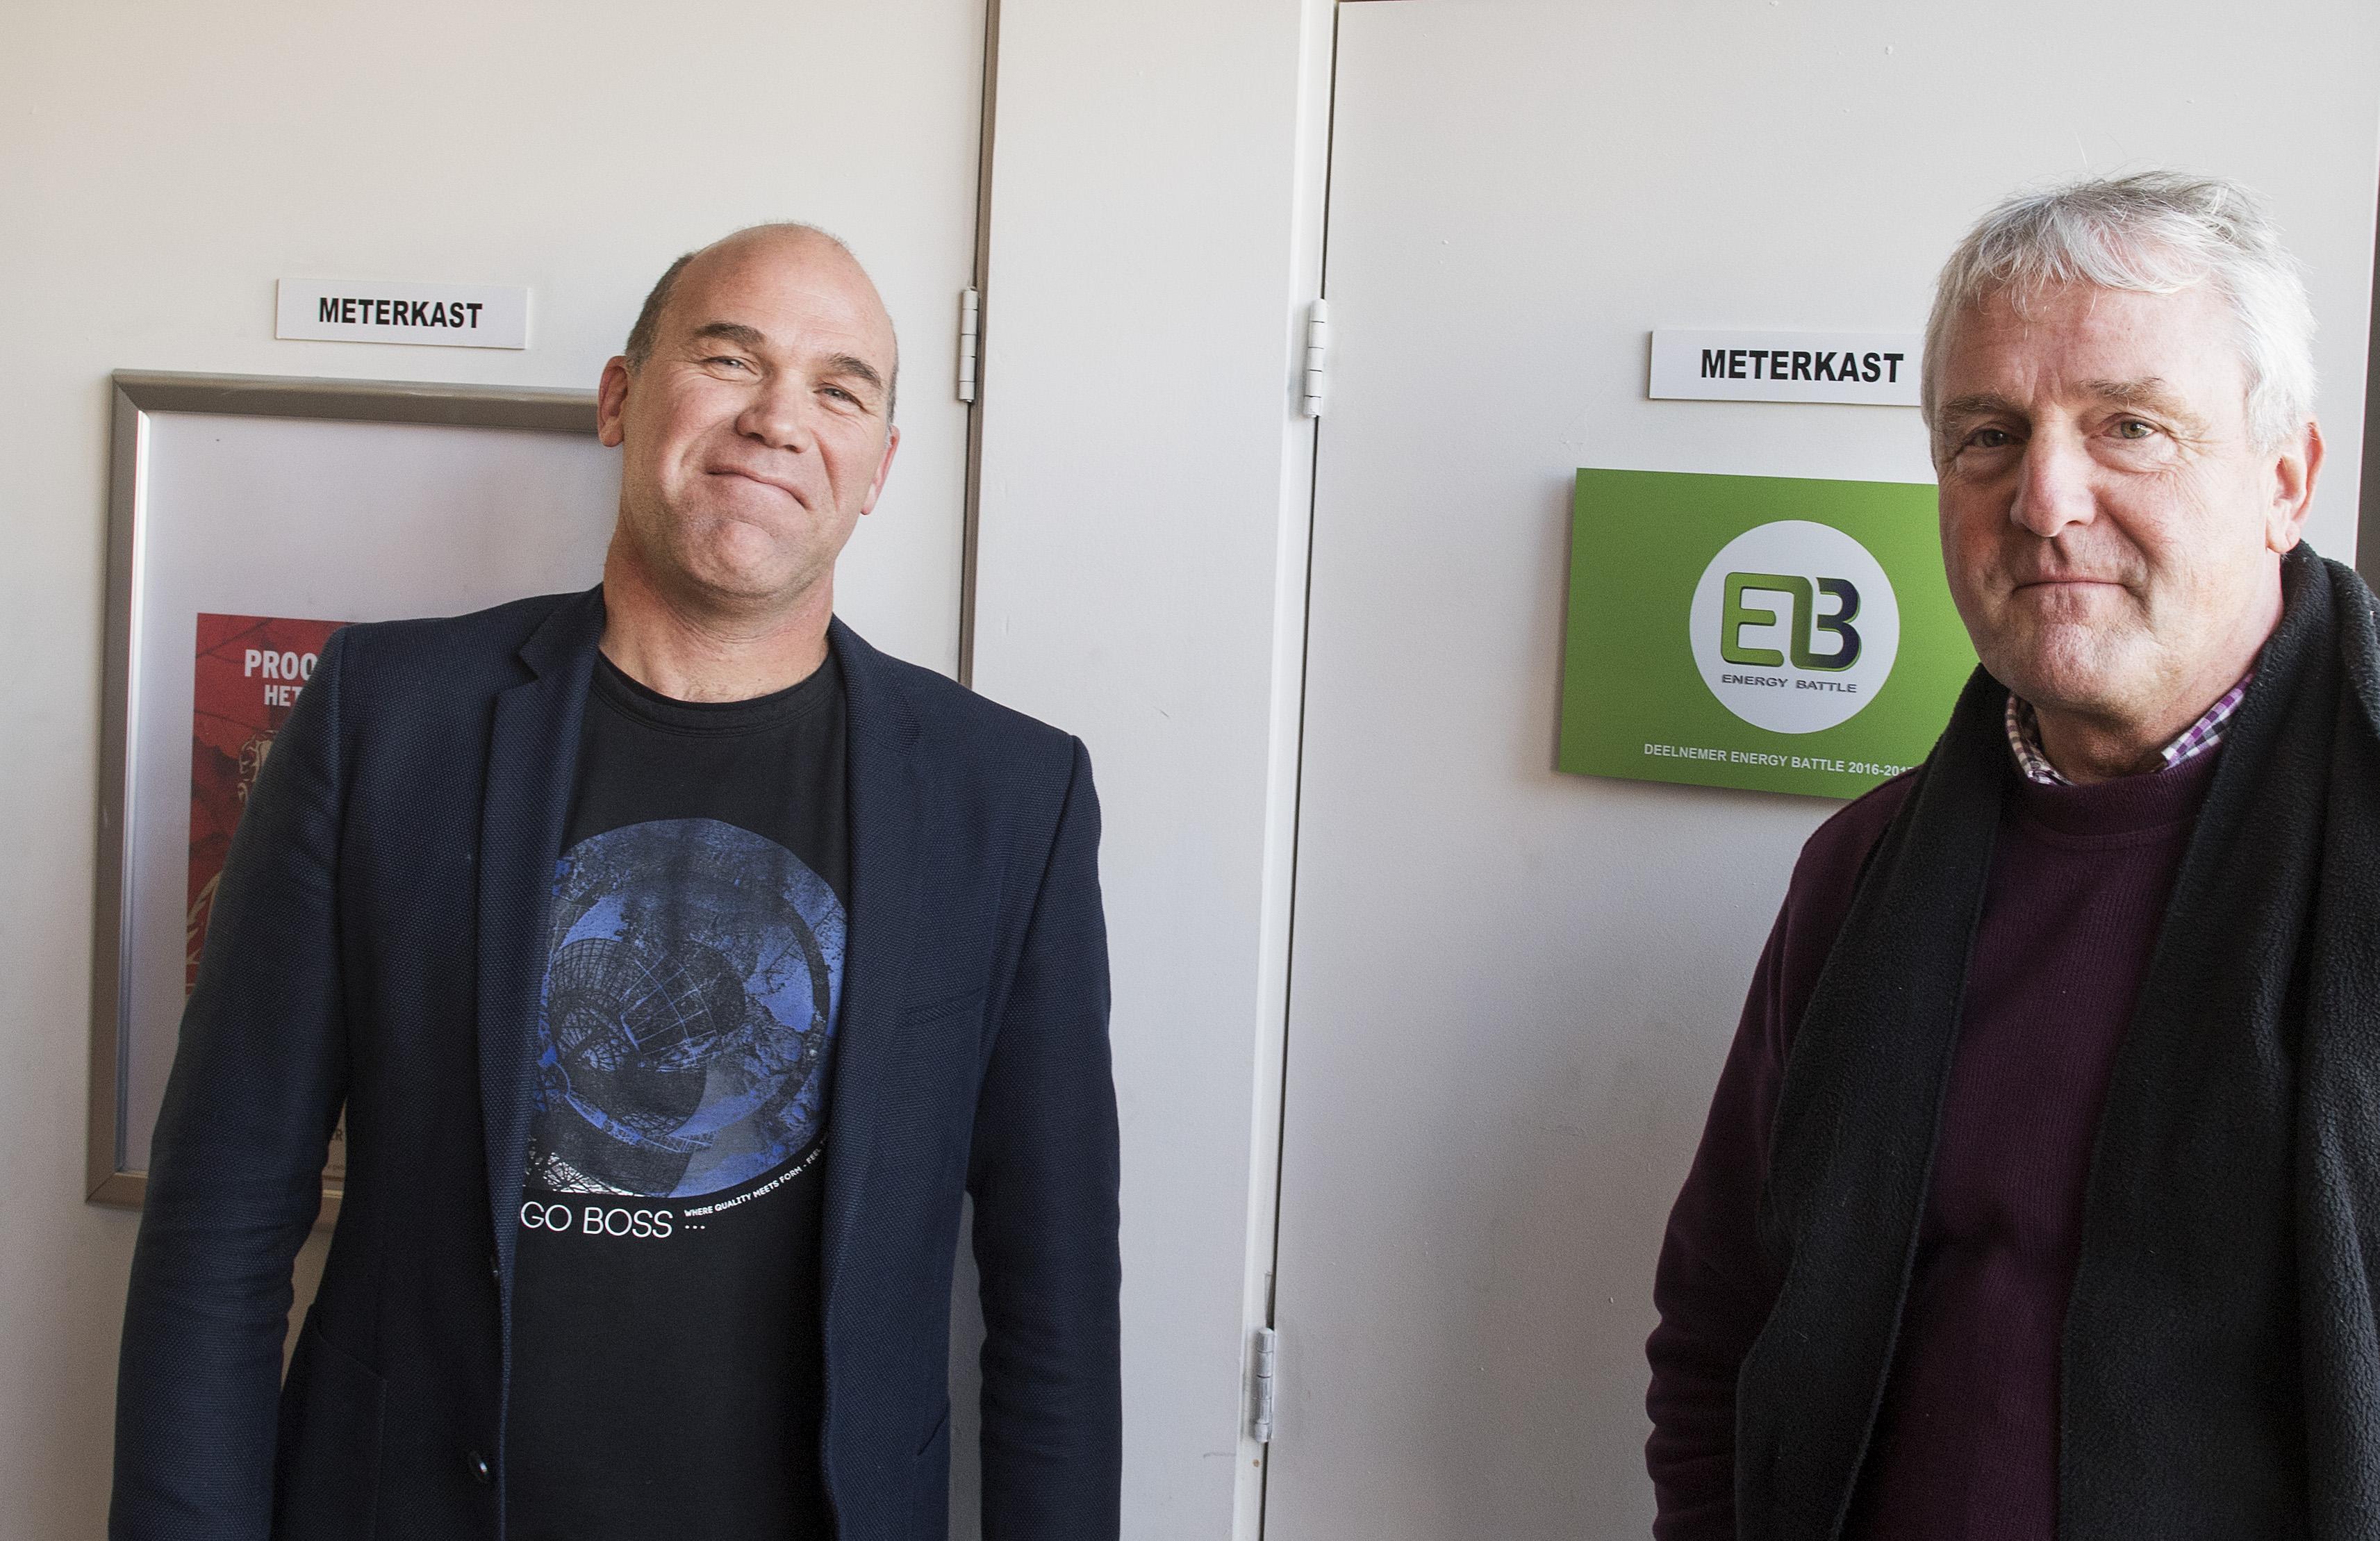 Voetbalclub Pancratius krijgt ruim ton terug dankzij Energy Battle